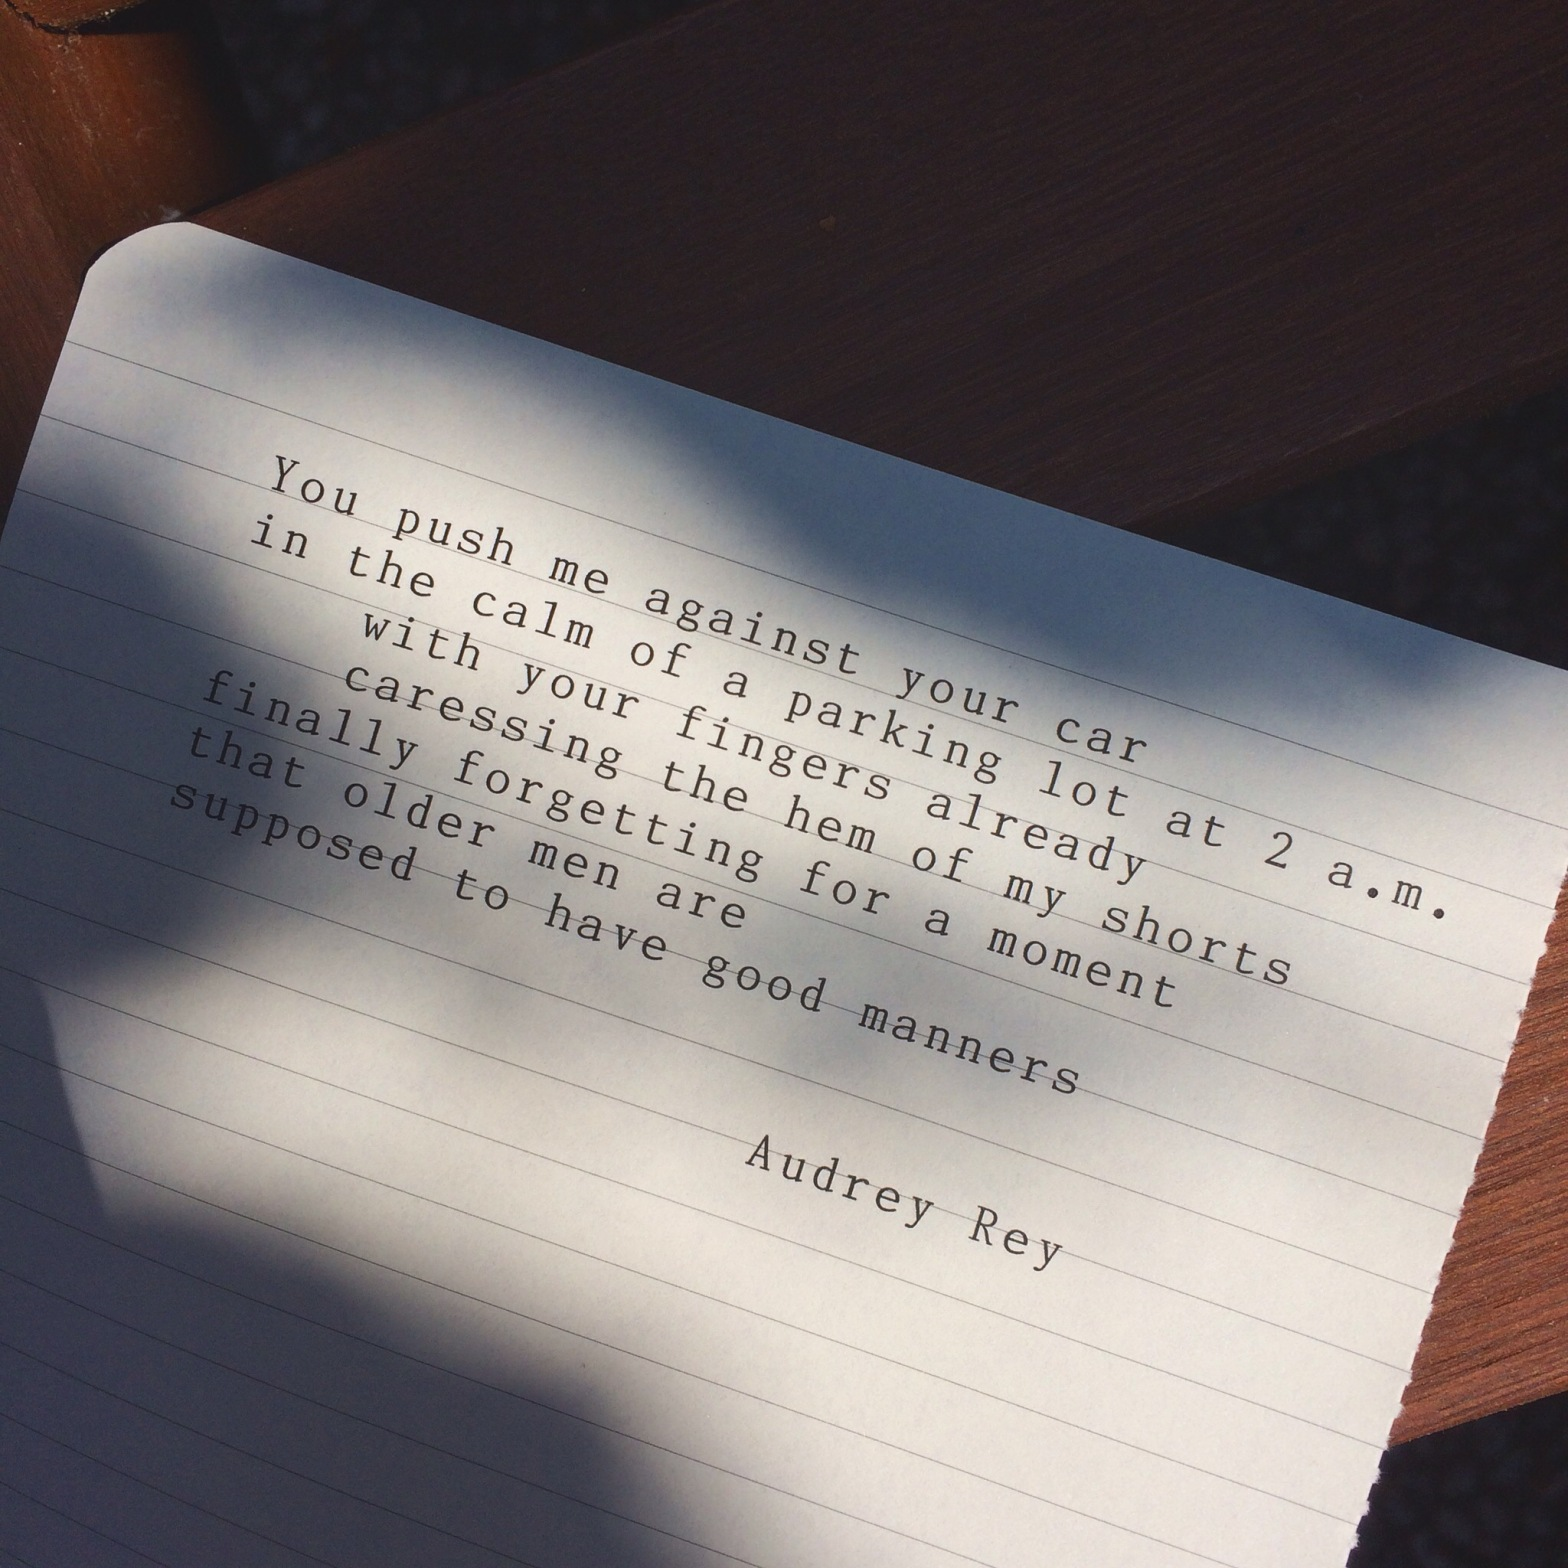 audrey rey